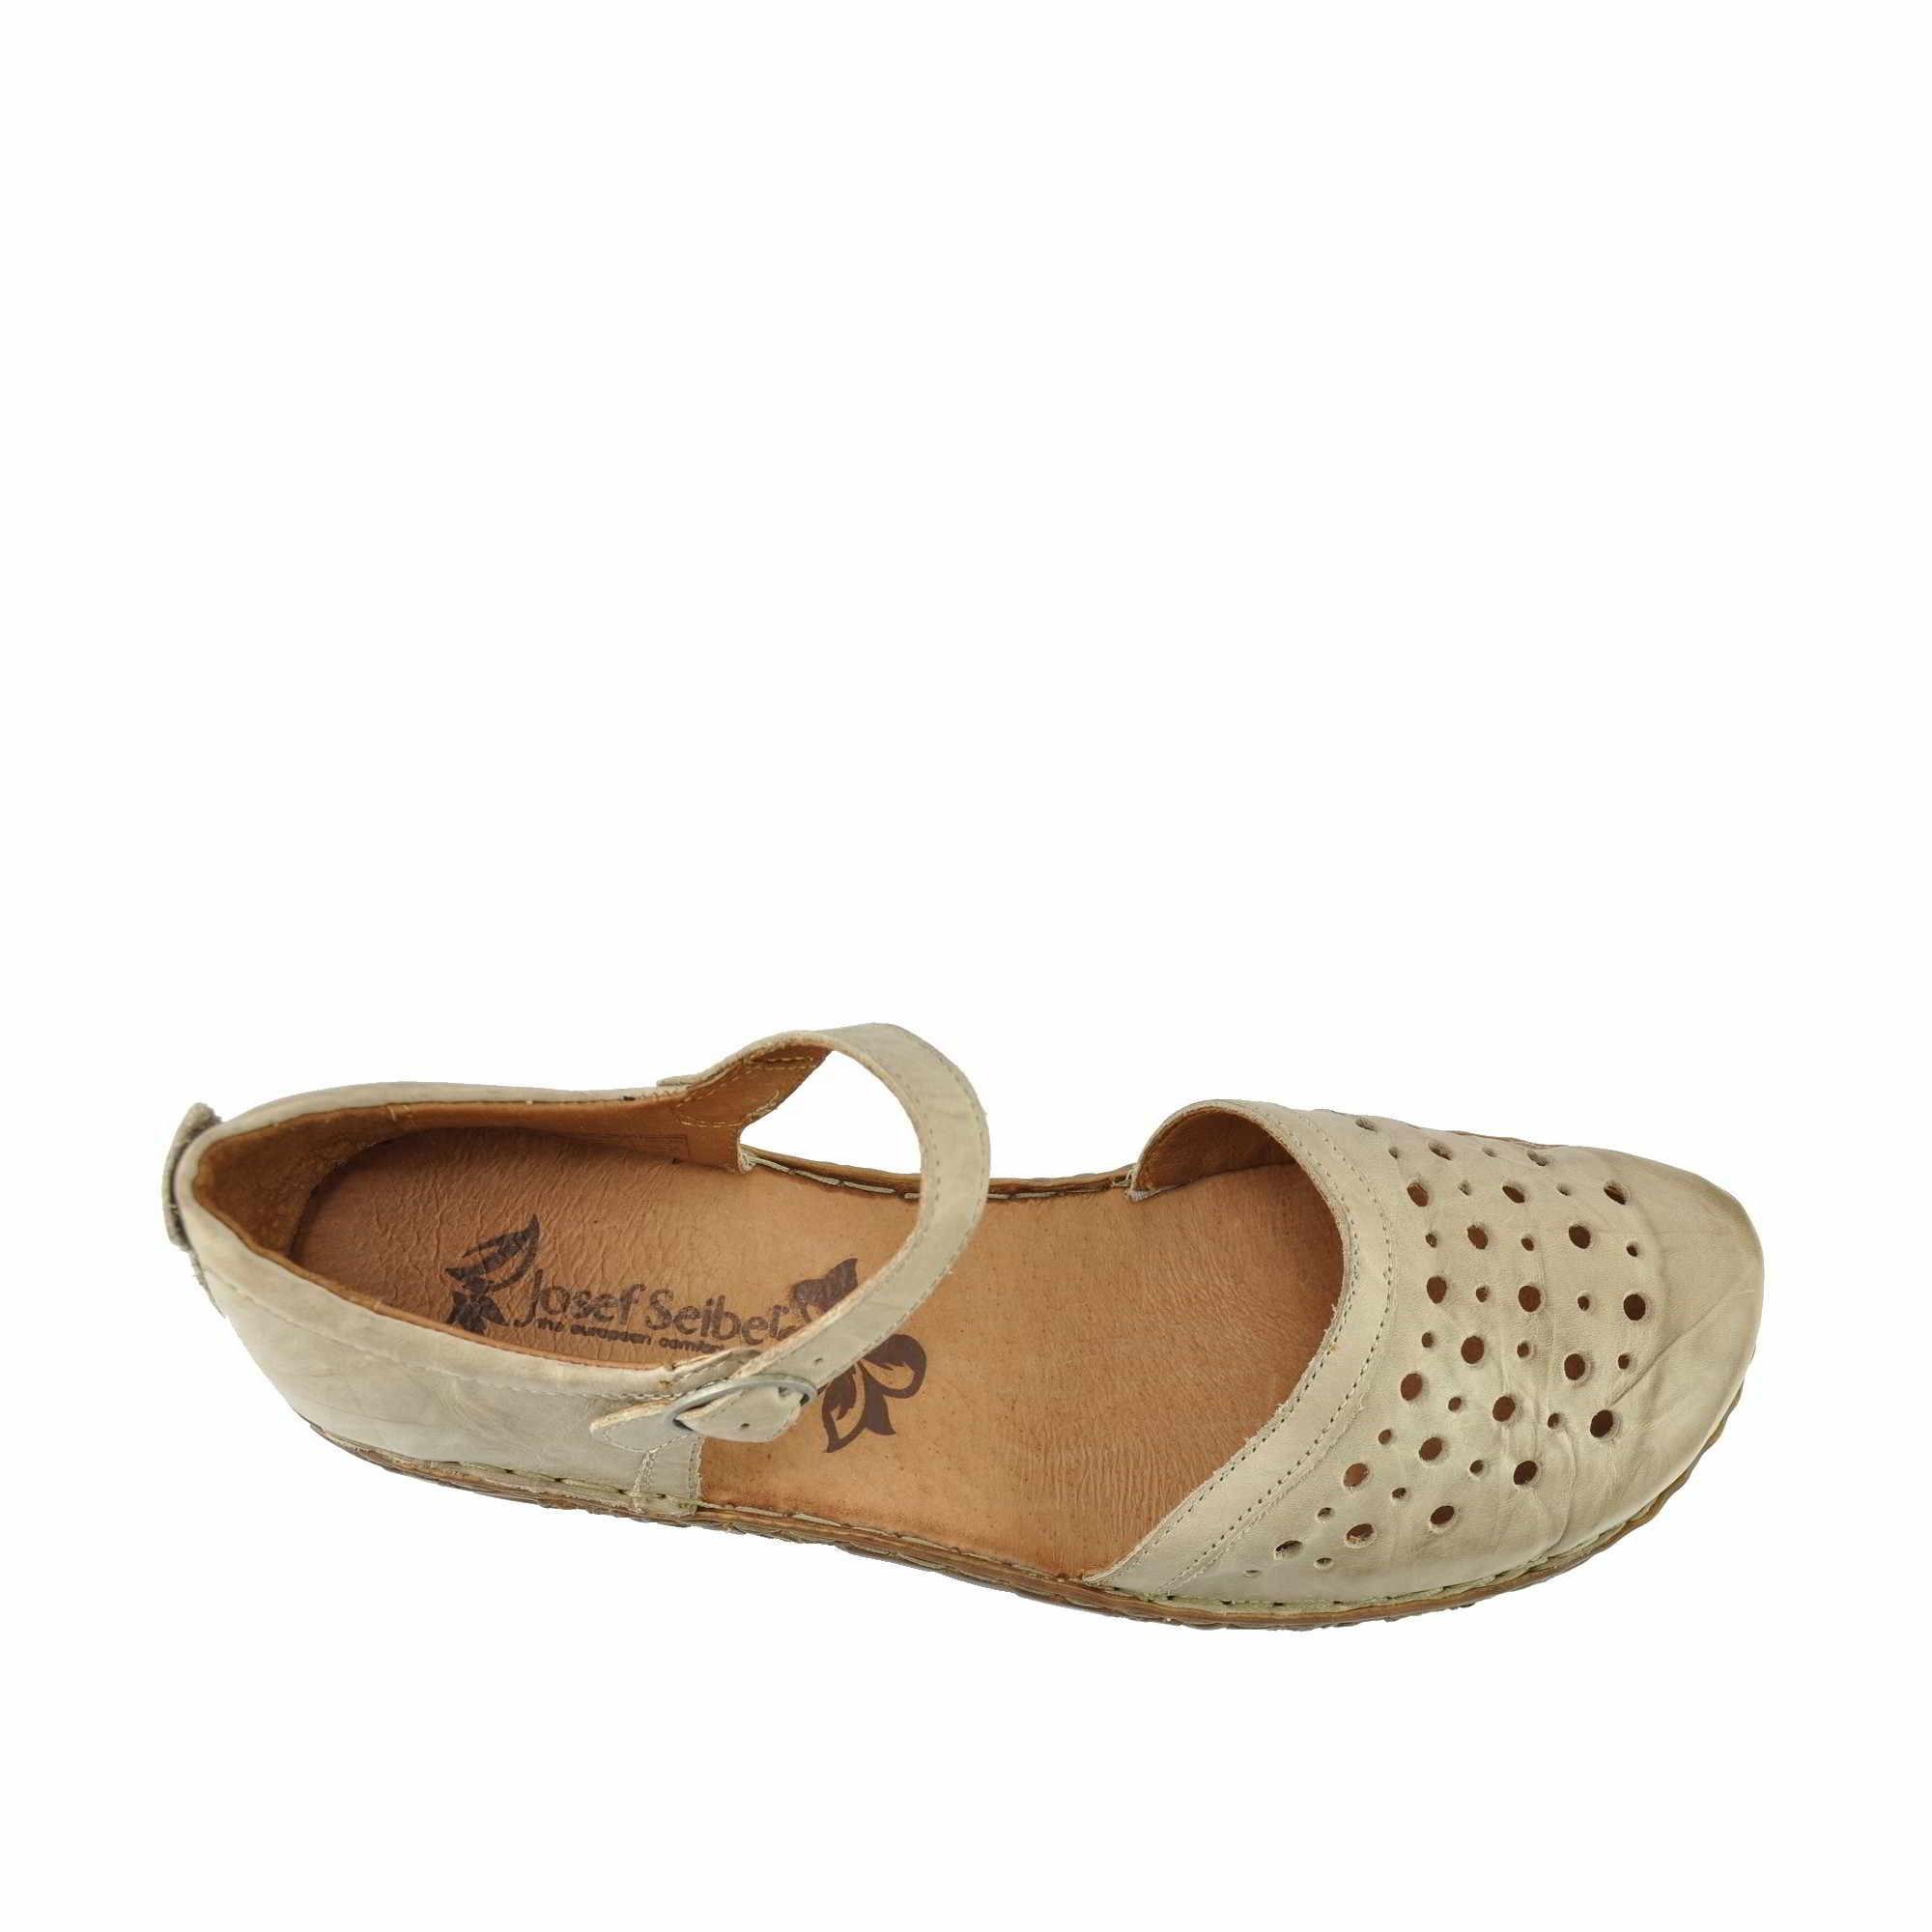 Duże sandały Seibel 230 Rosalie 19 beż 45 29 cm 7239086541